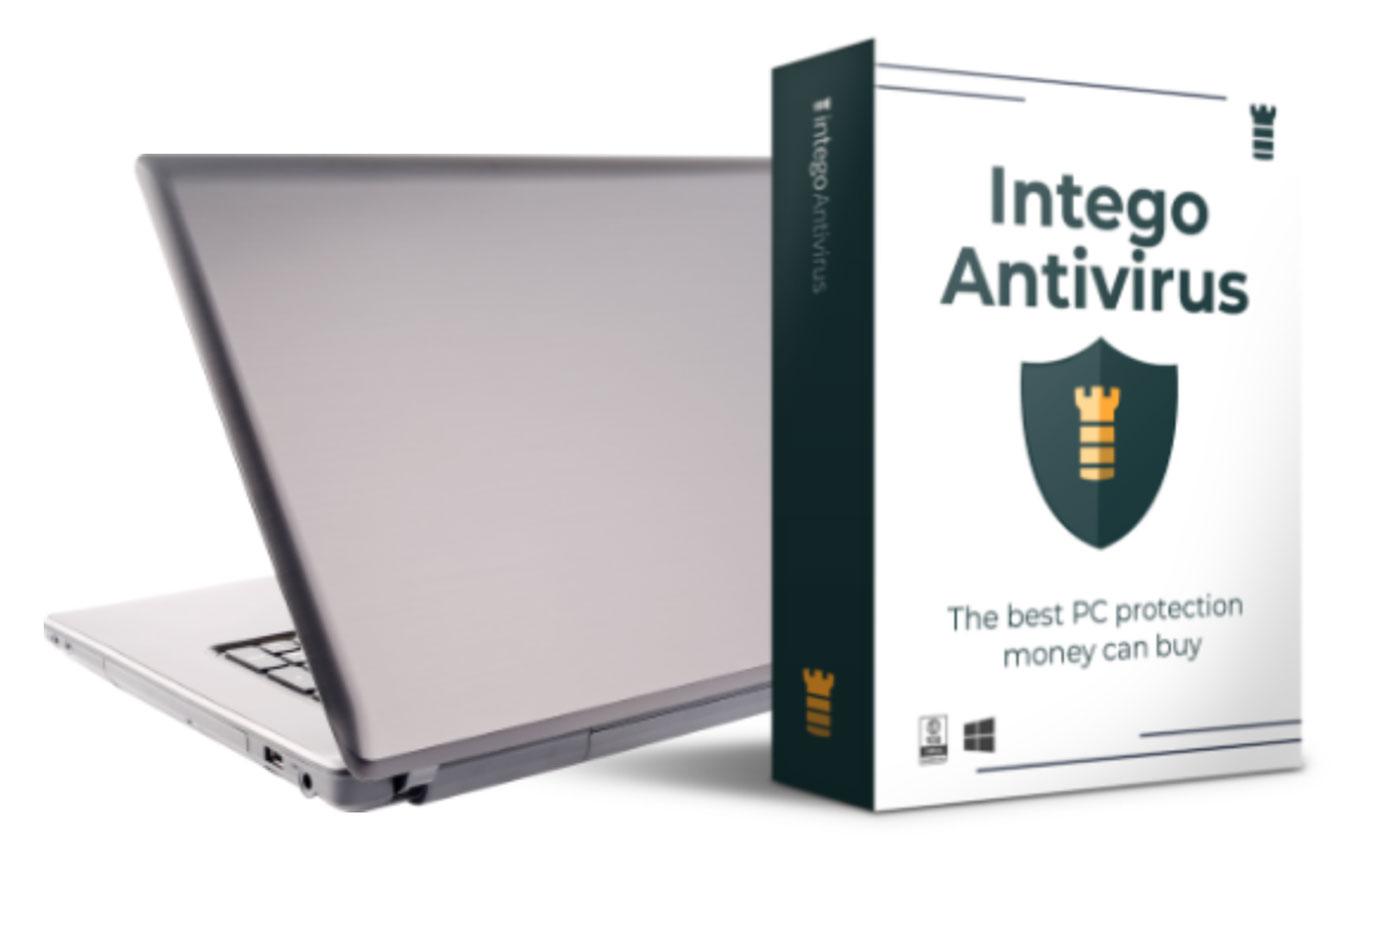 Antivirus Windows: l'excellent Intego casse les prix (-75%) jusqu'à dimanche